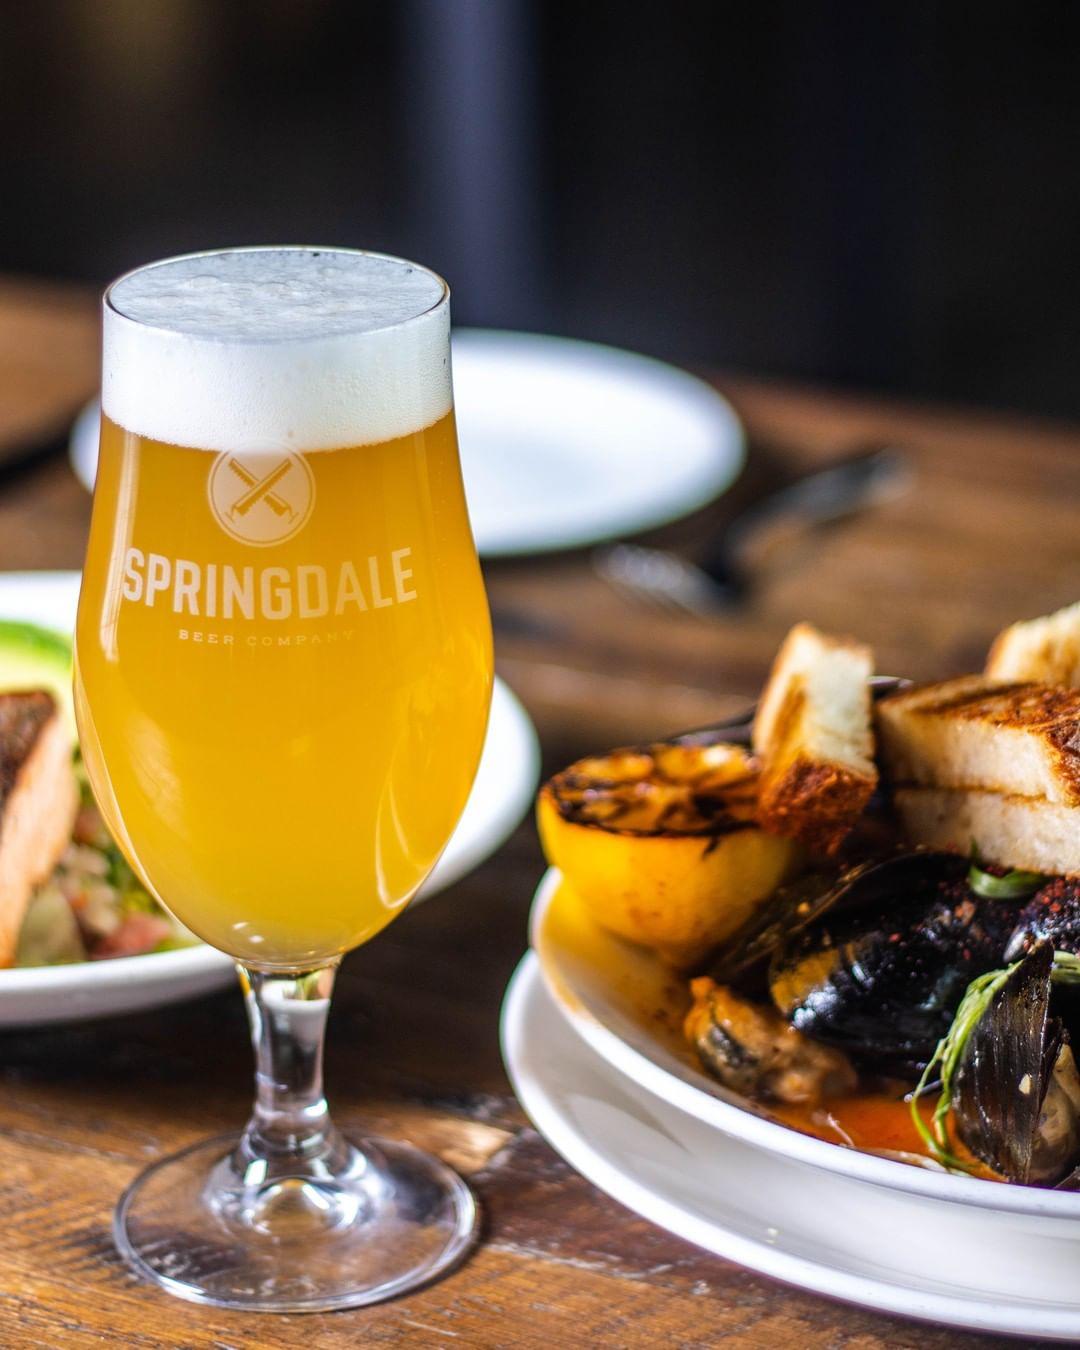 springdale best beer pairings